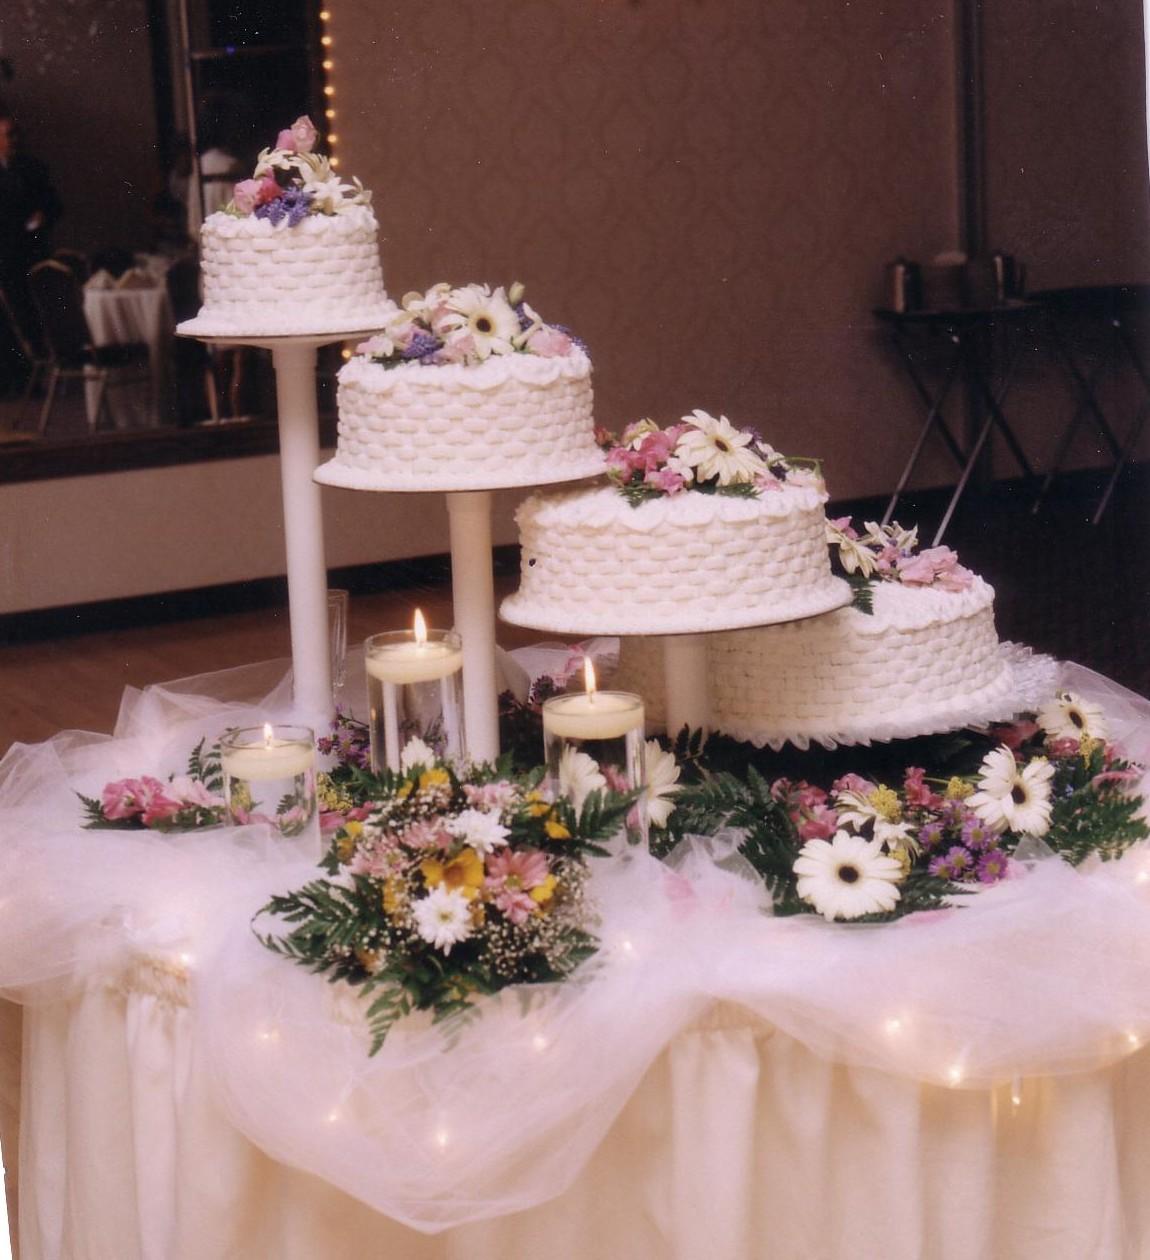 Bridge Wedding Cakes with Fountains